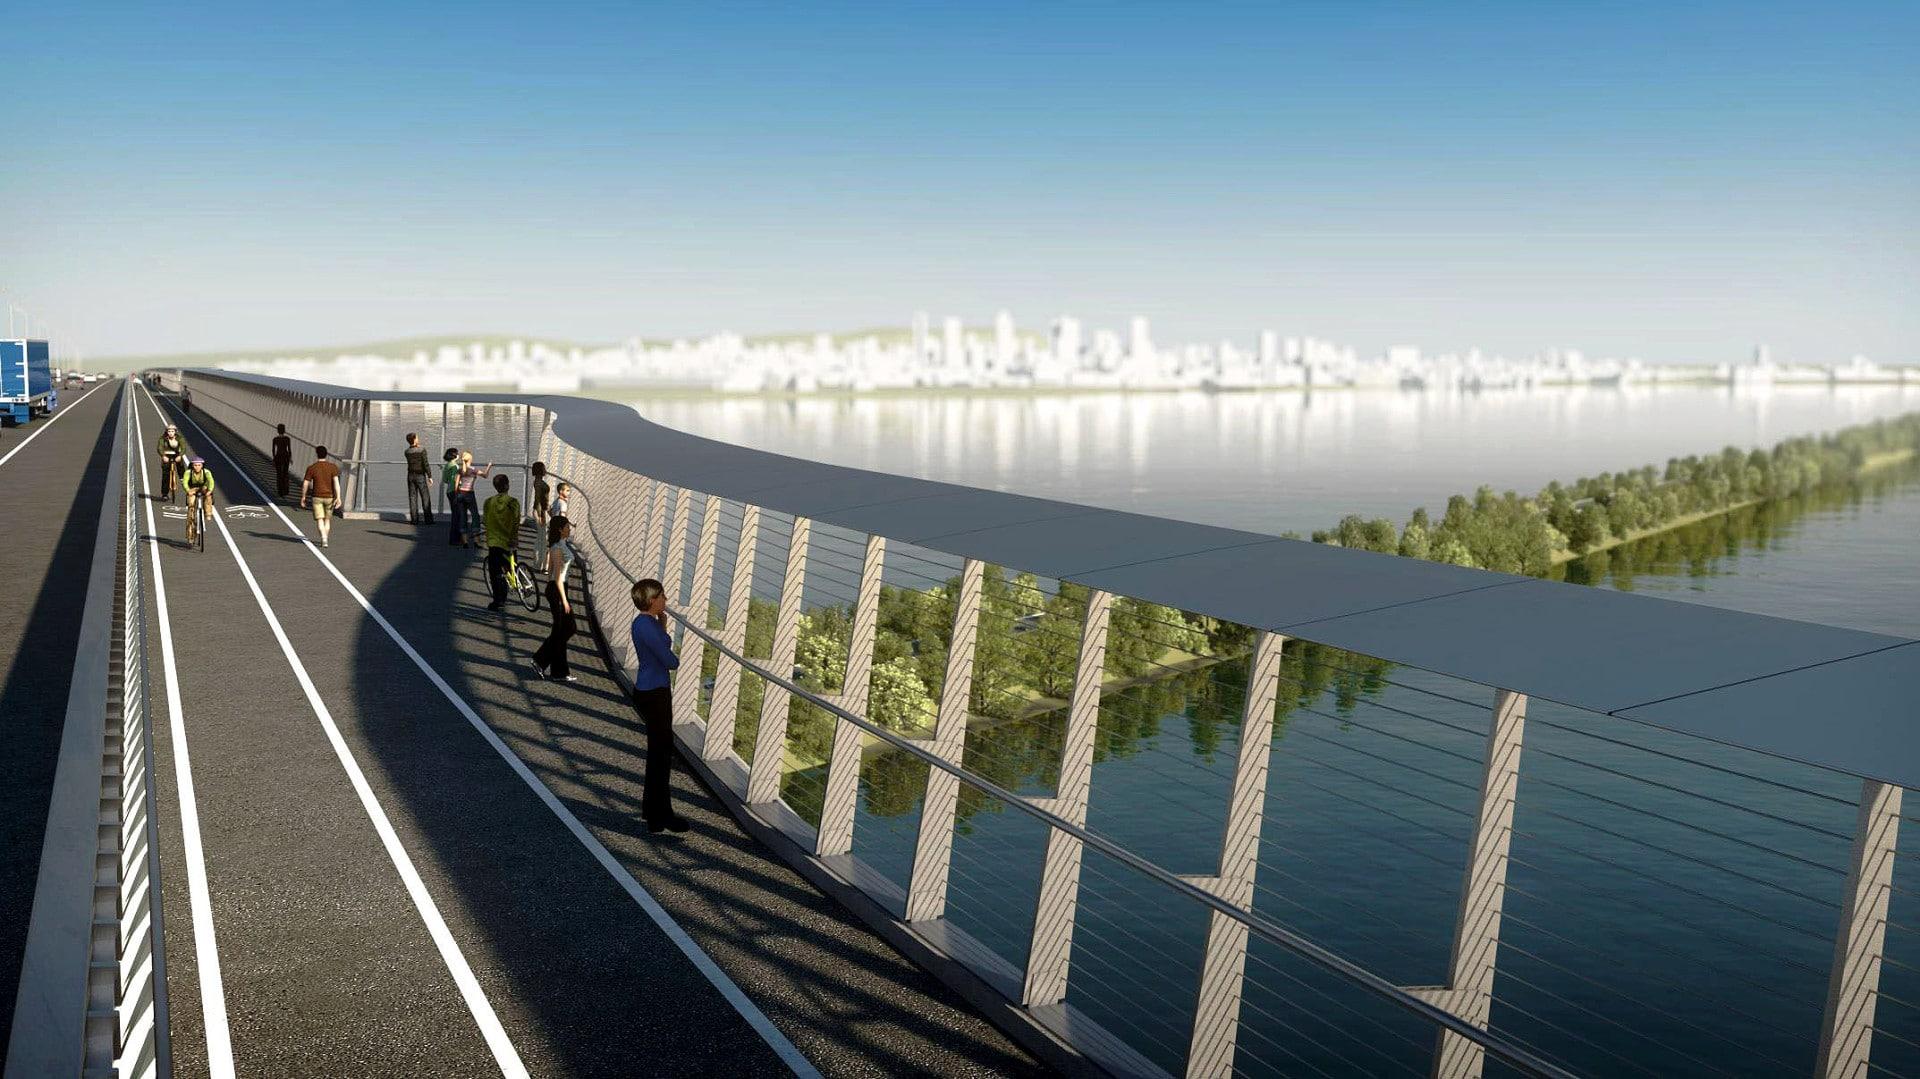 Nova ponte Champlain, em Montreal-Canadá: ciclovia e calçada isoladas das pistas e com barreiras anti-ruído. Crédito: newchamplain.ca